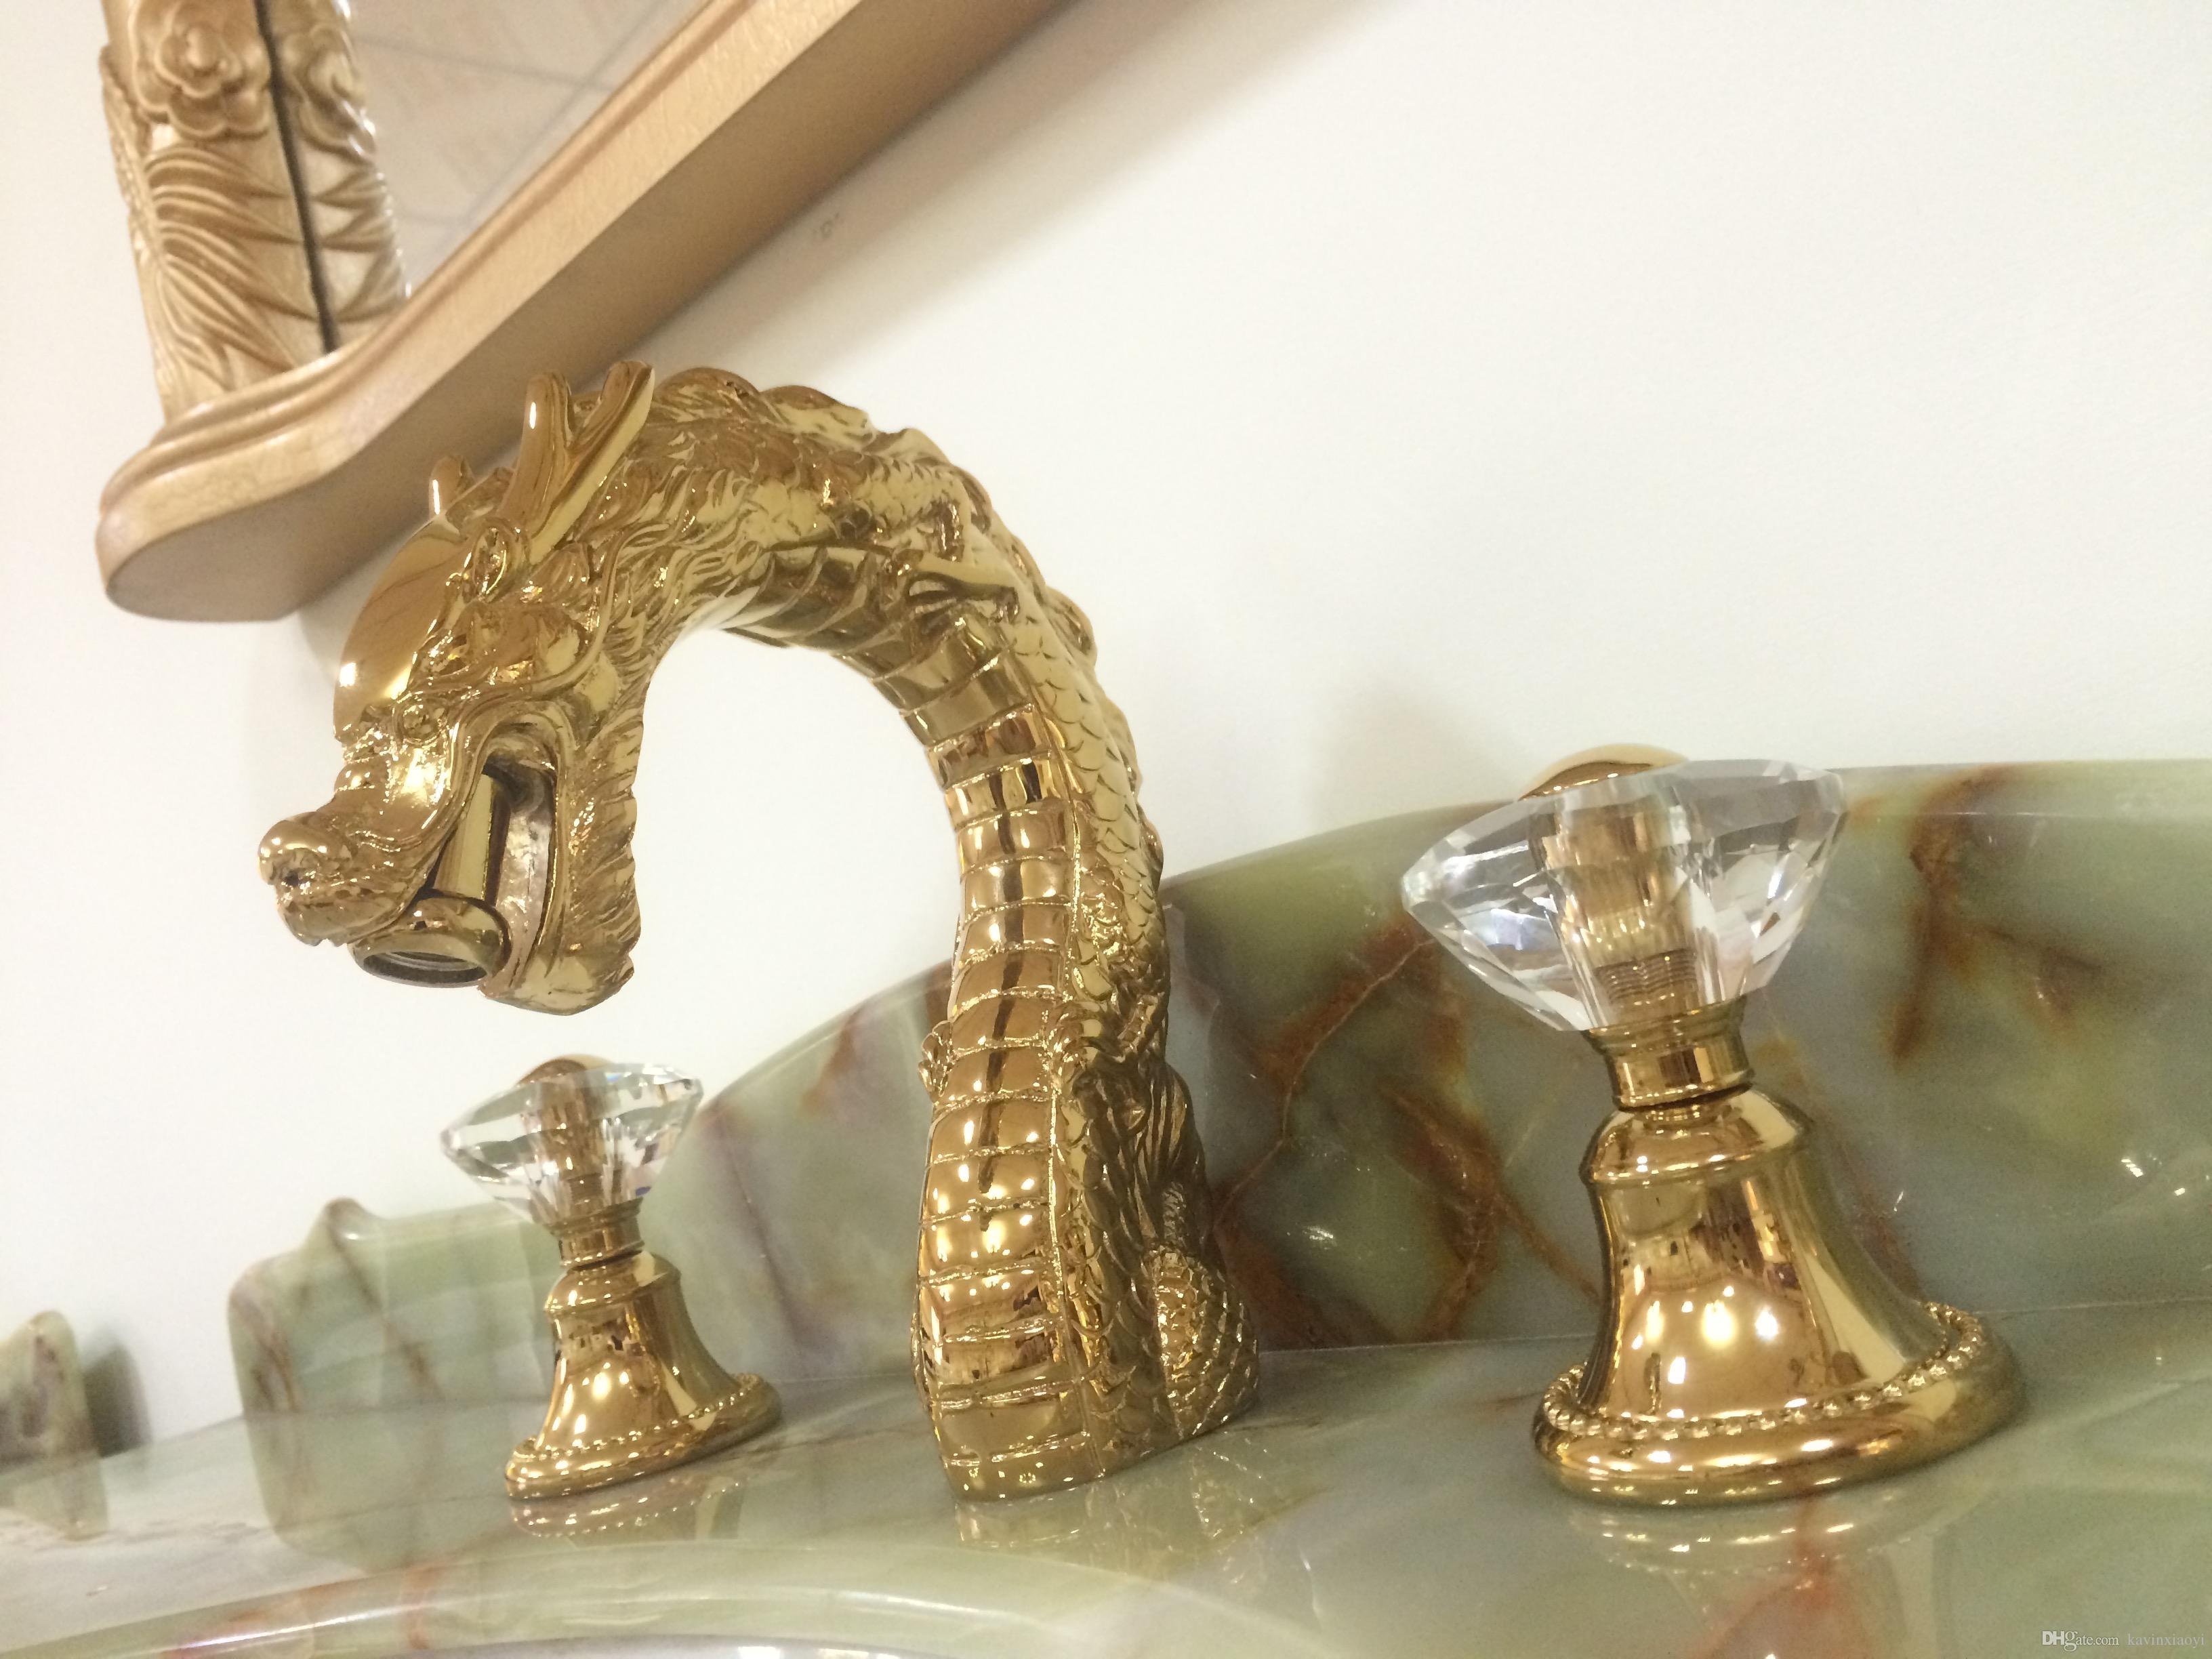 """NEUE GOLD pvd farbe massivem messing bad 8 """"weit verbreitet 3 löcher dragon waschbecken waschbecken Wasserhahn Mischbatterie Deck montiert kristall griffe"""